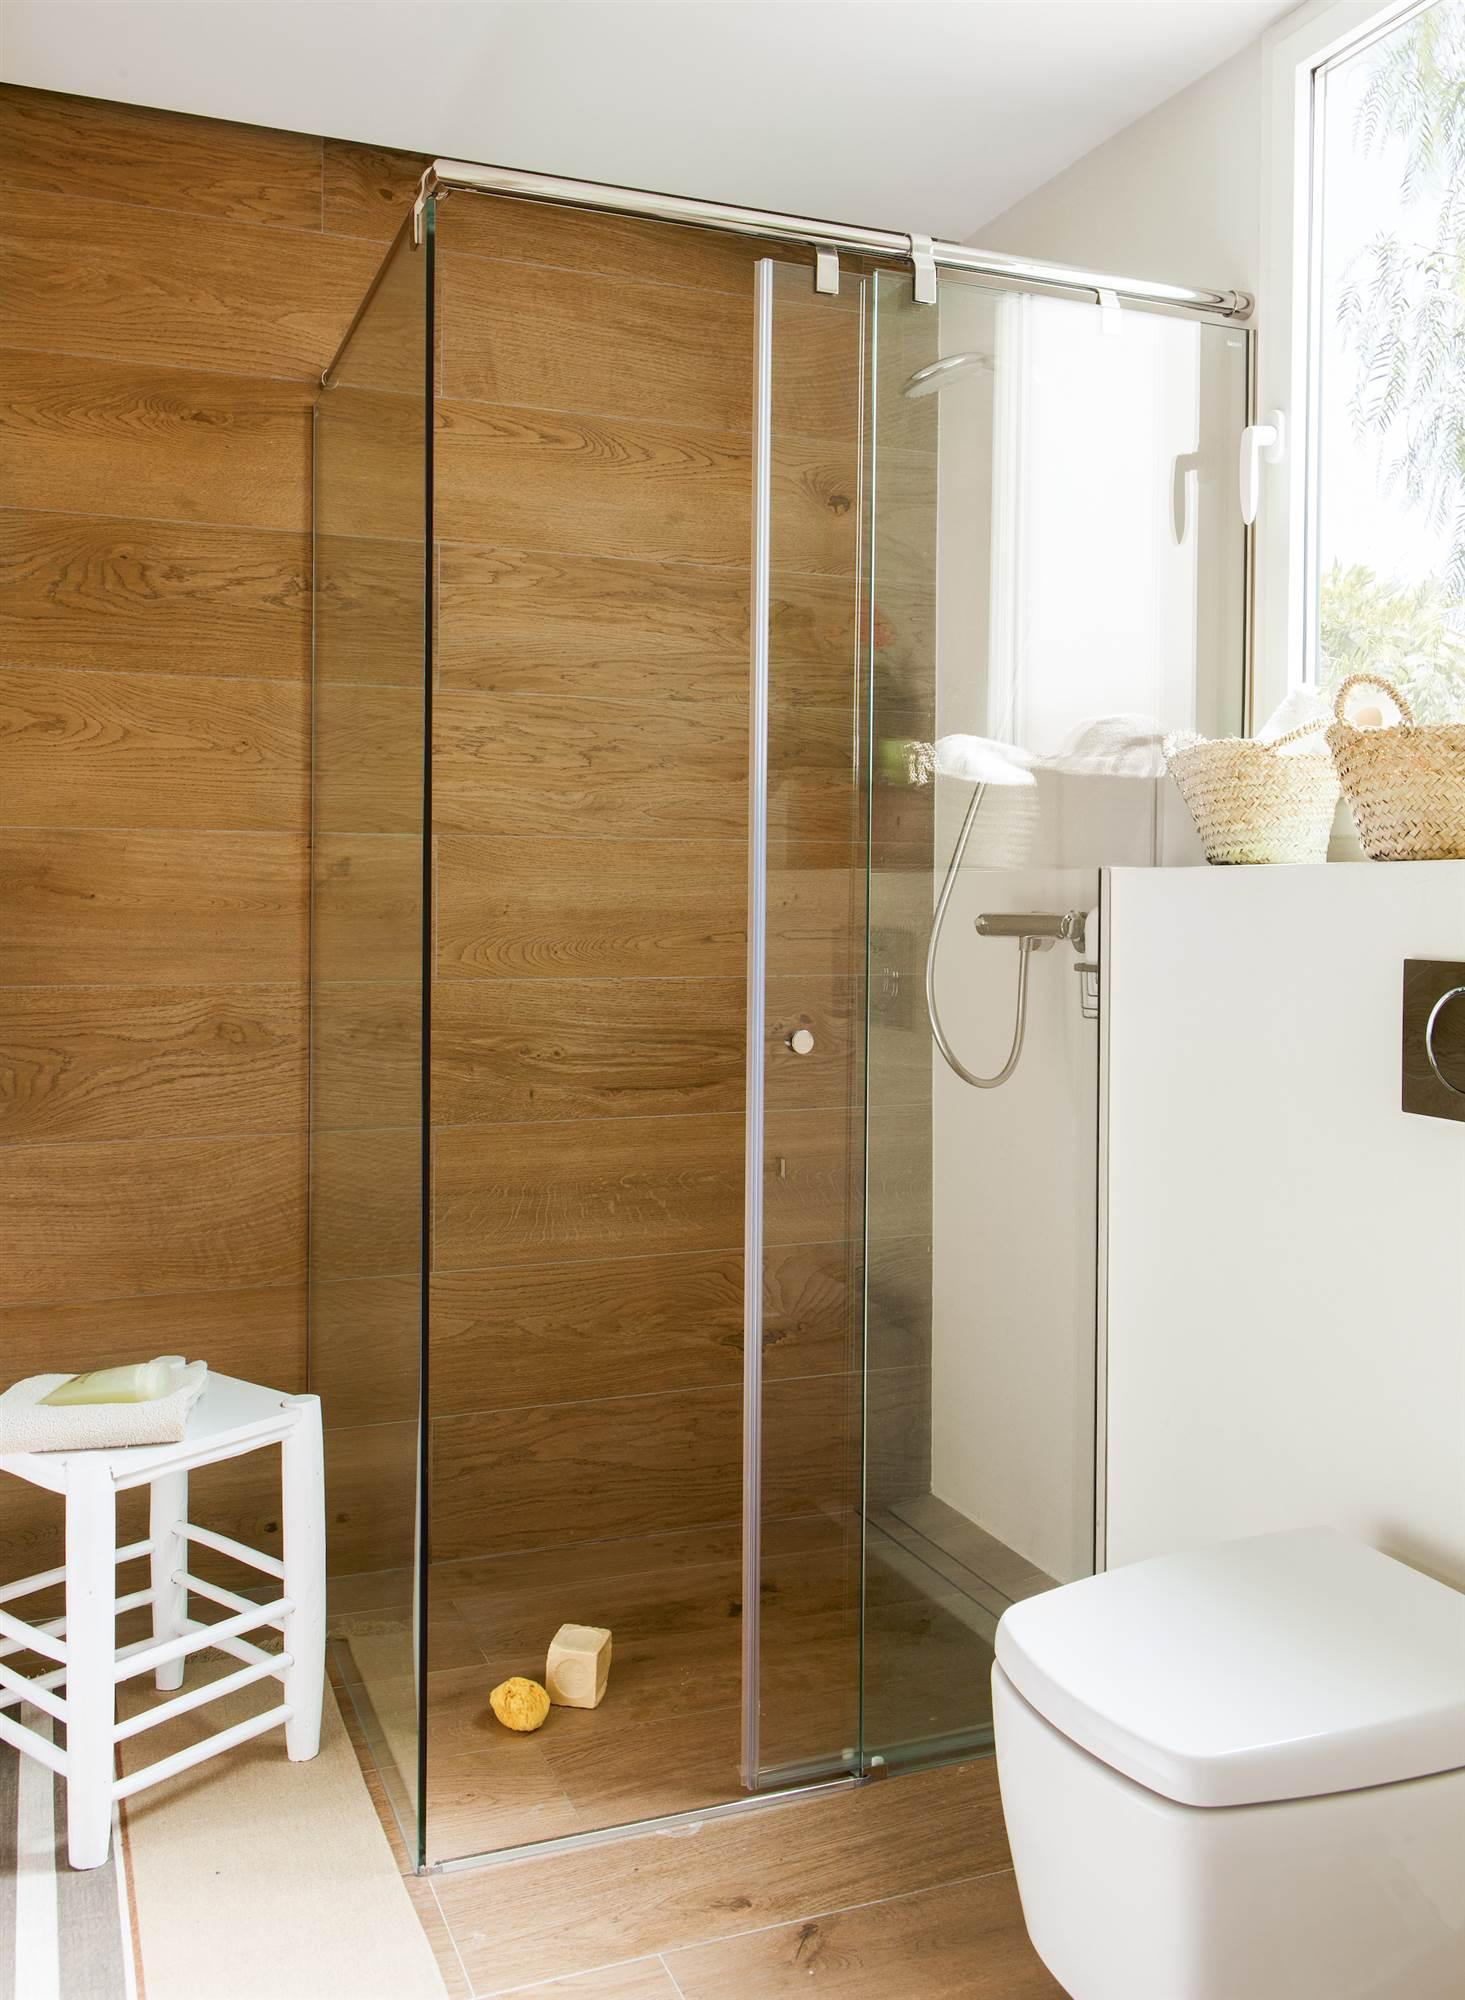 Ba os en blanco y madera para copiar - Diseno de banos con plato de ducha ...